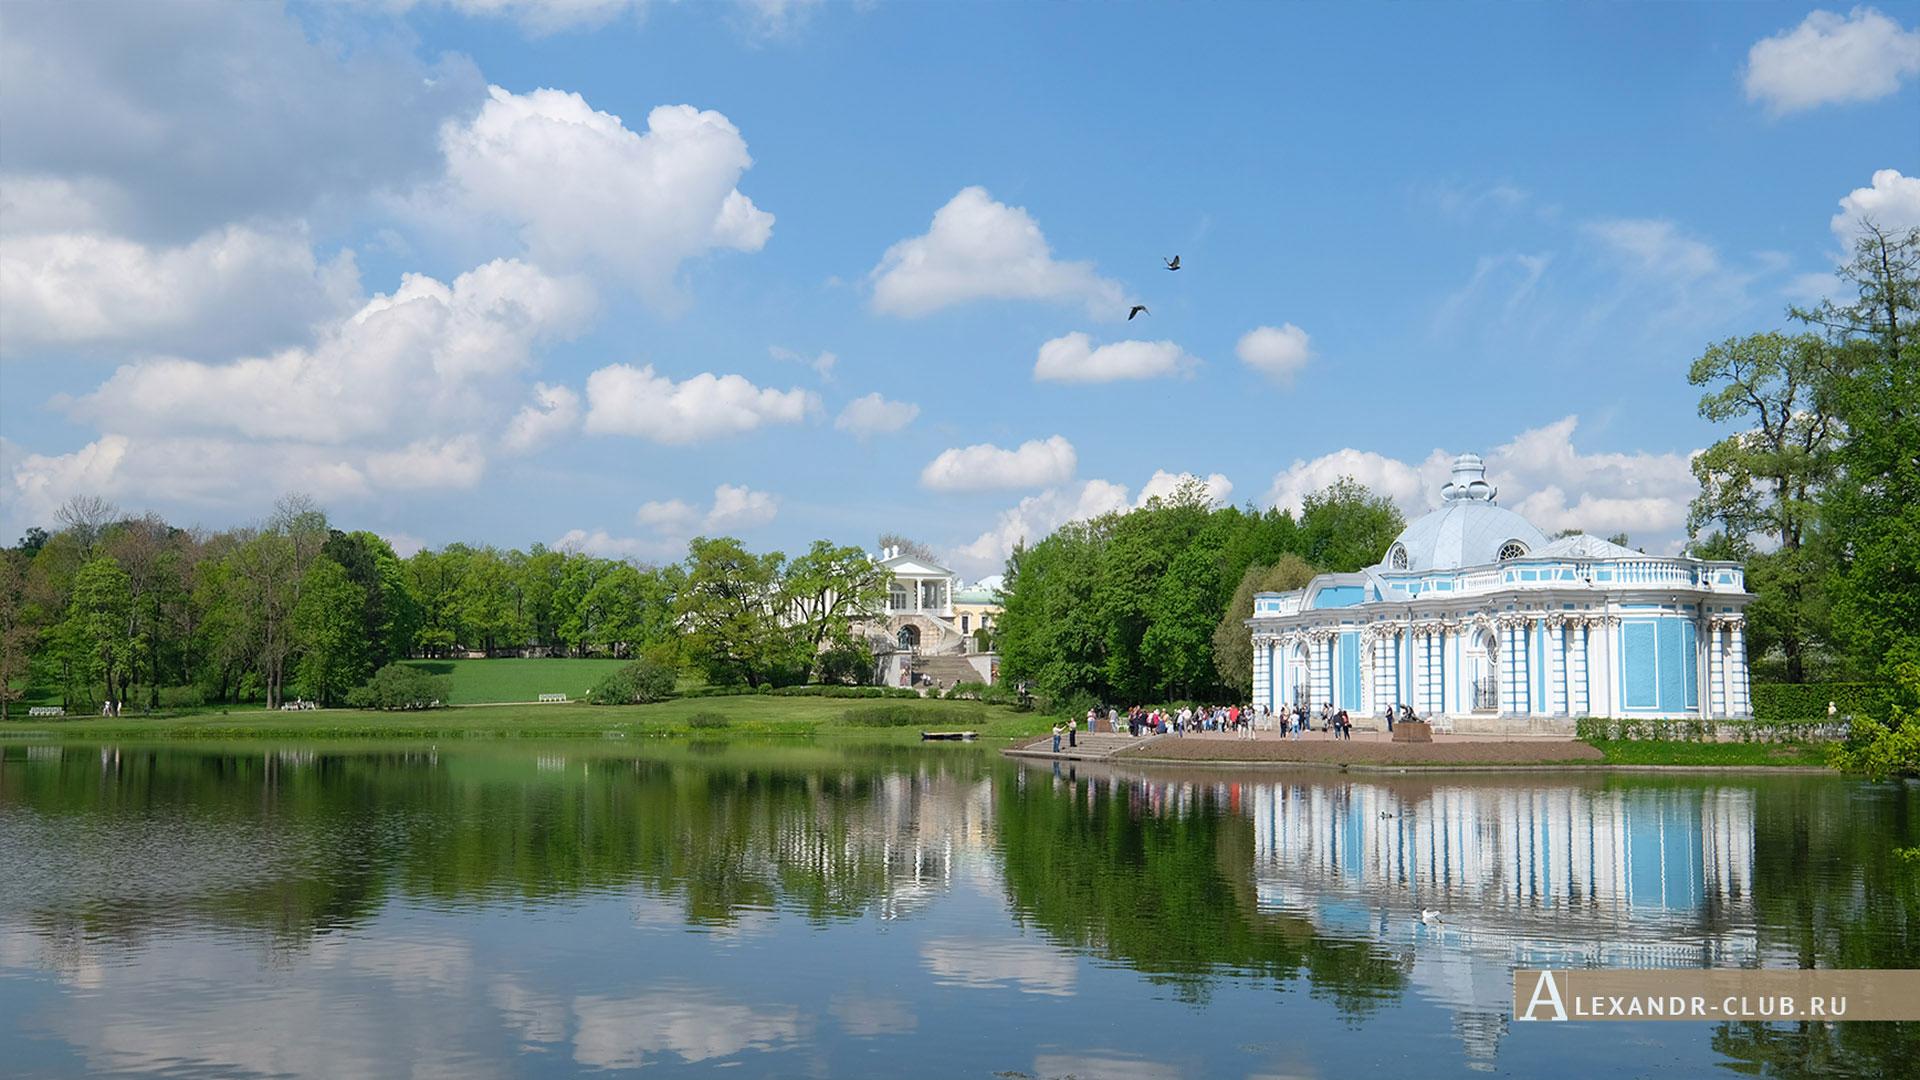 Царское Село, весна, Екатерининский парк, павильон «Грот», Камеронова галерея